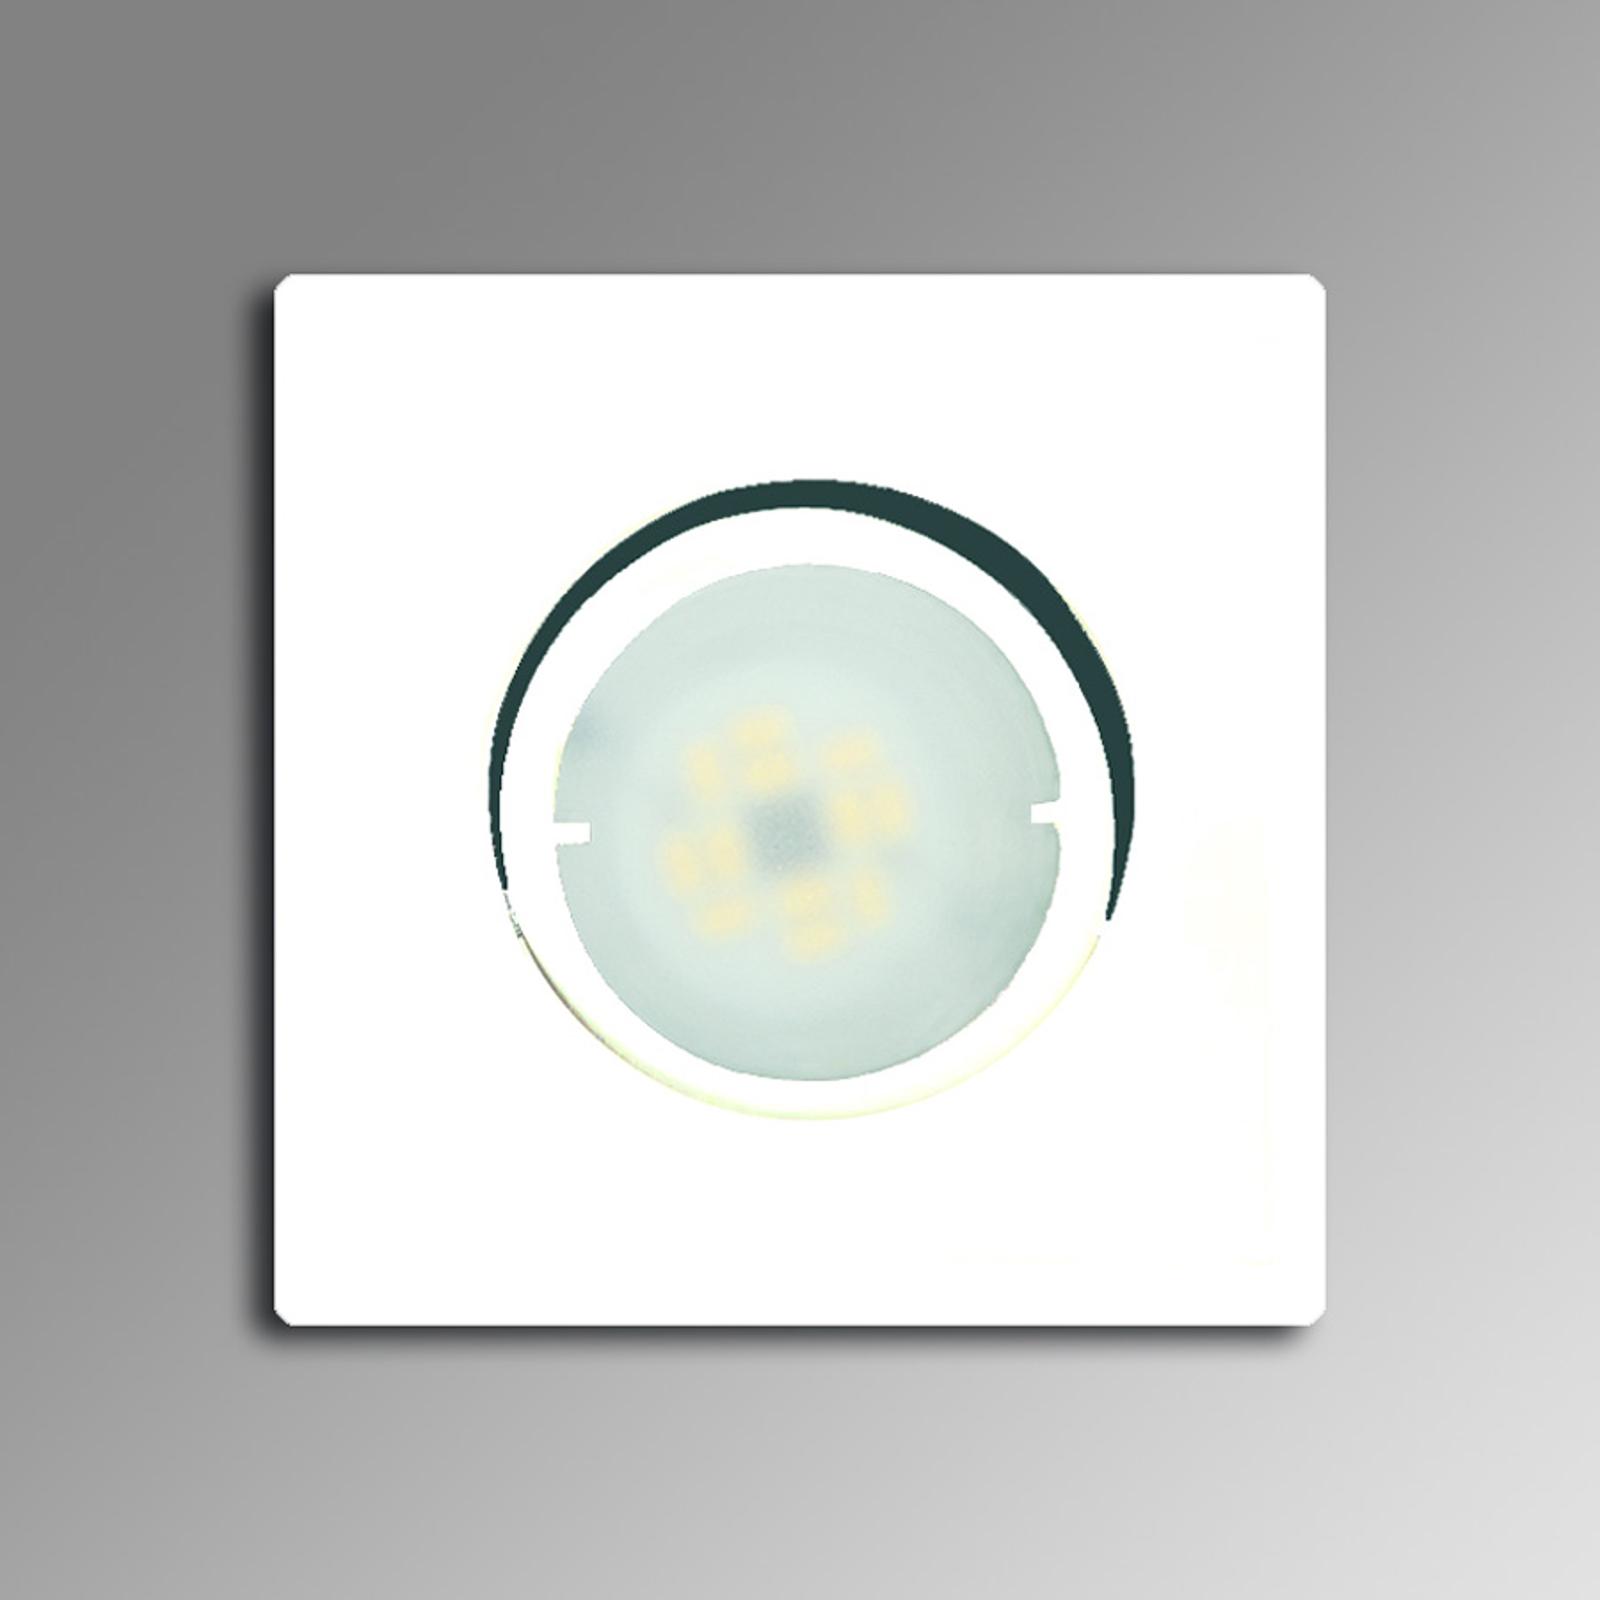 Blanca lámpara empotrada LED Joanie, giratoria